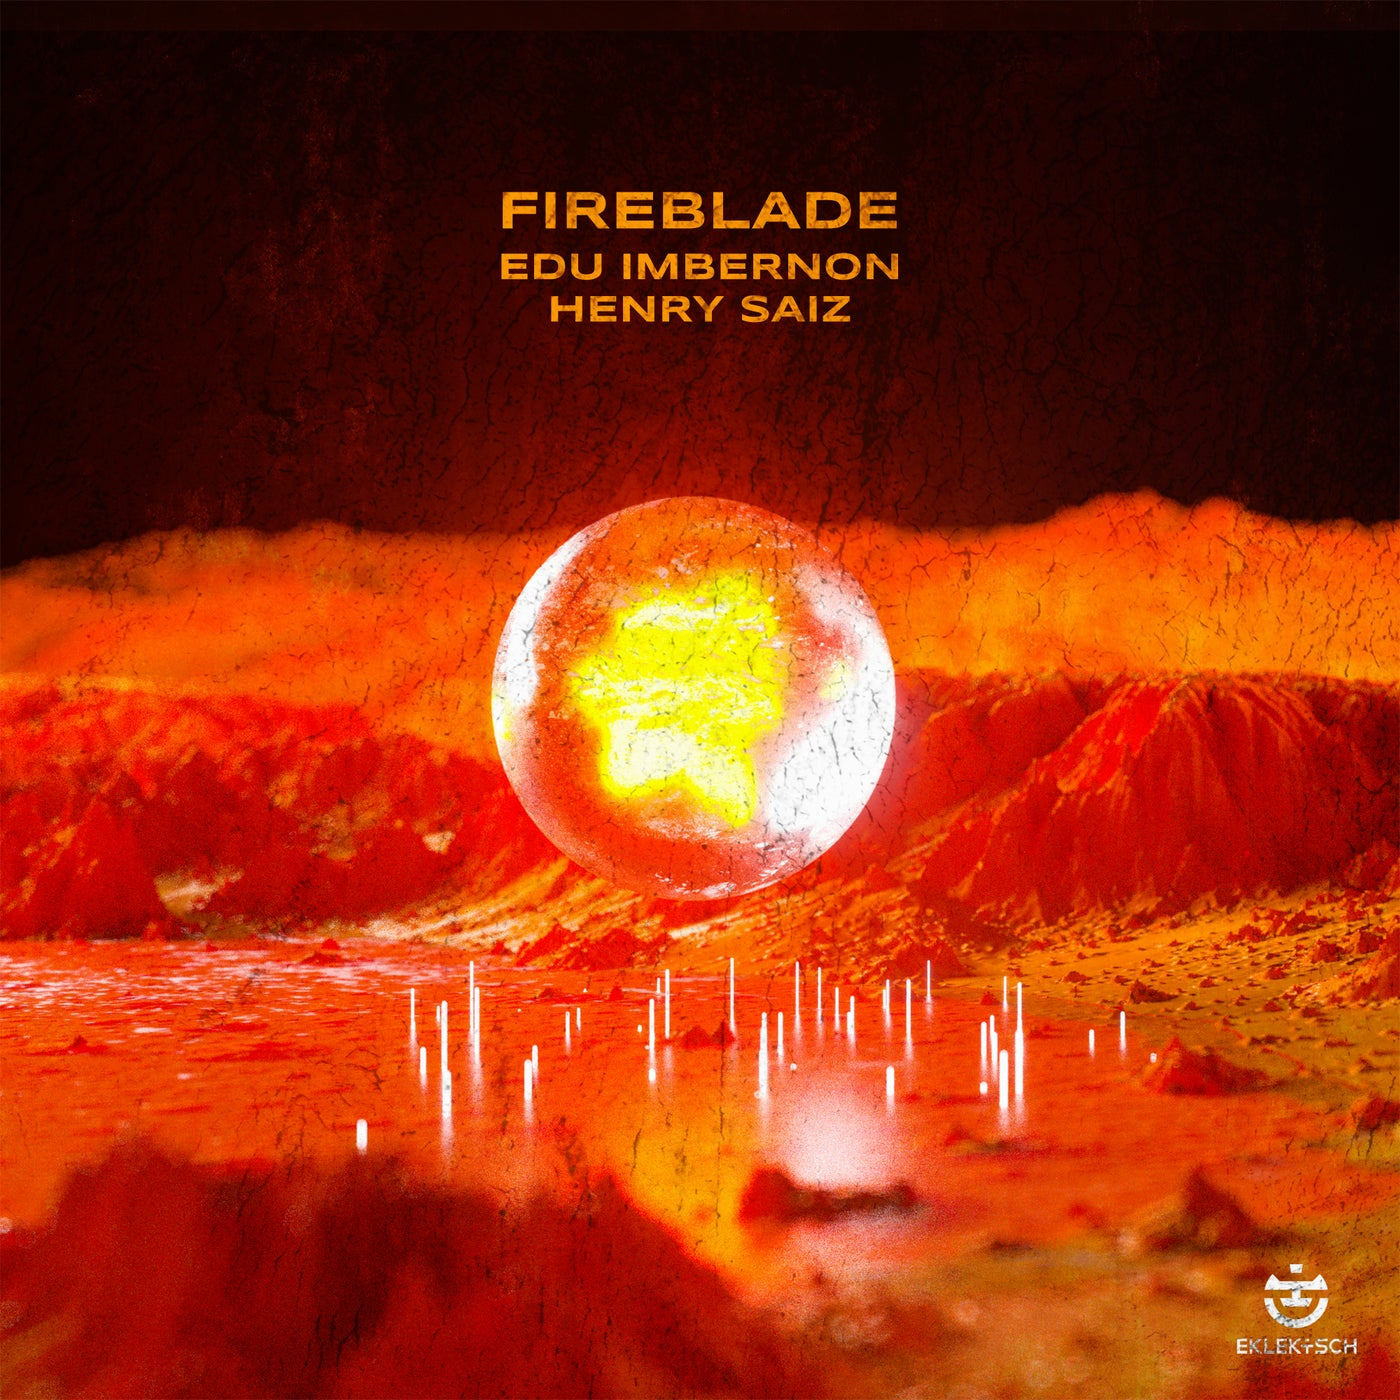 Fireblade (Original Mix)